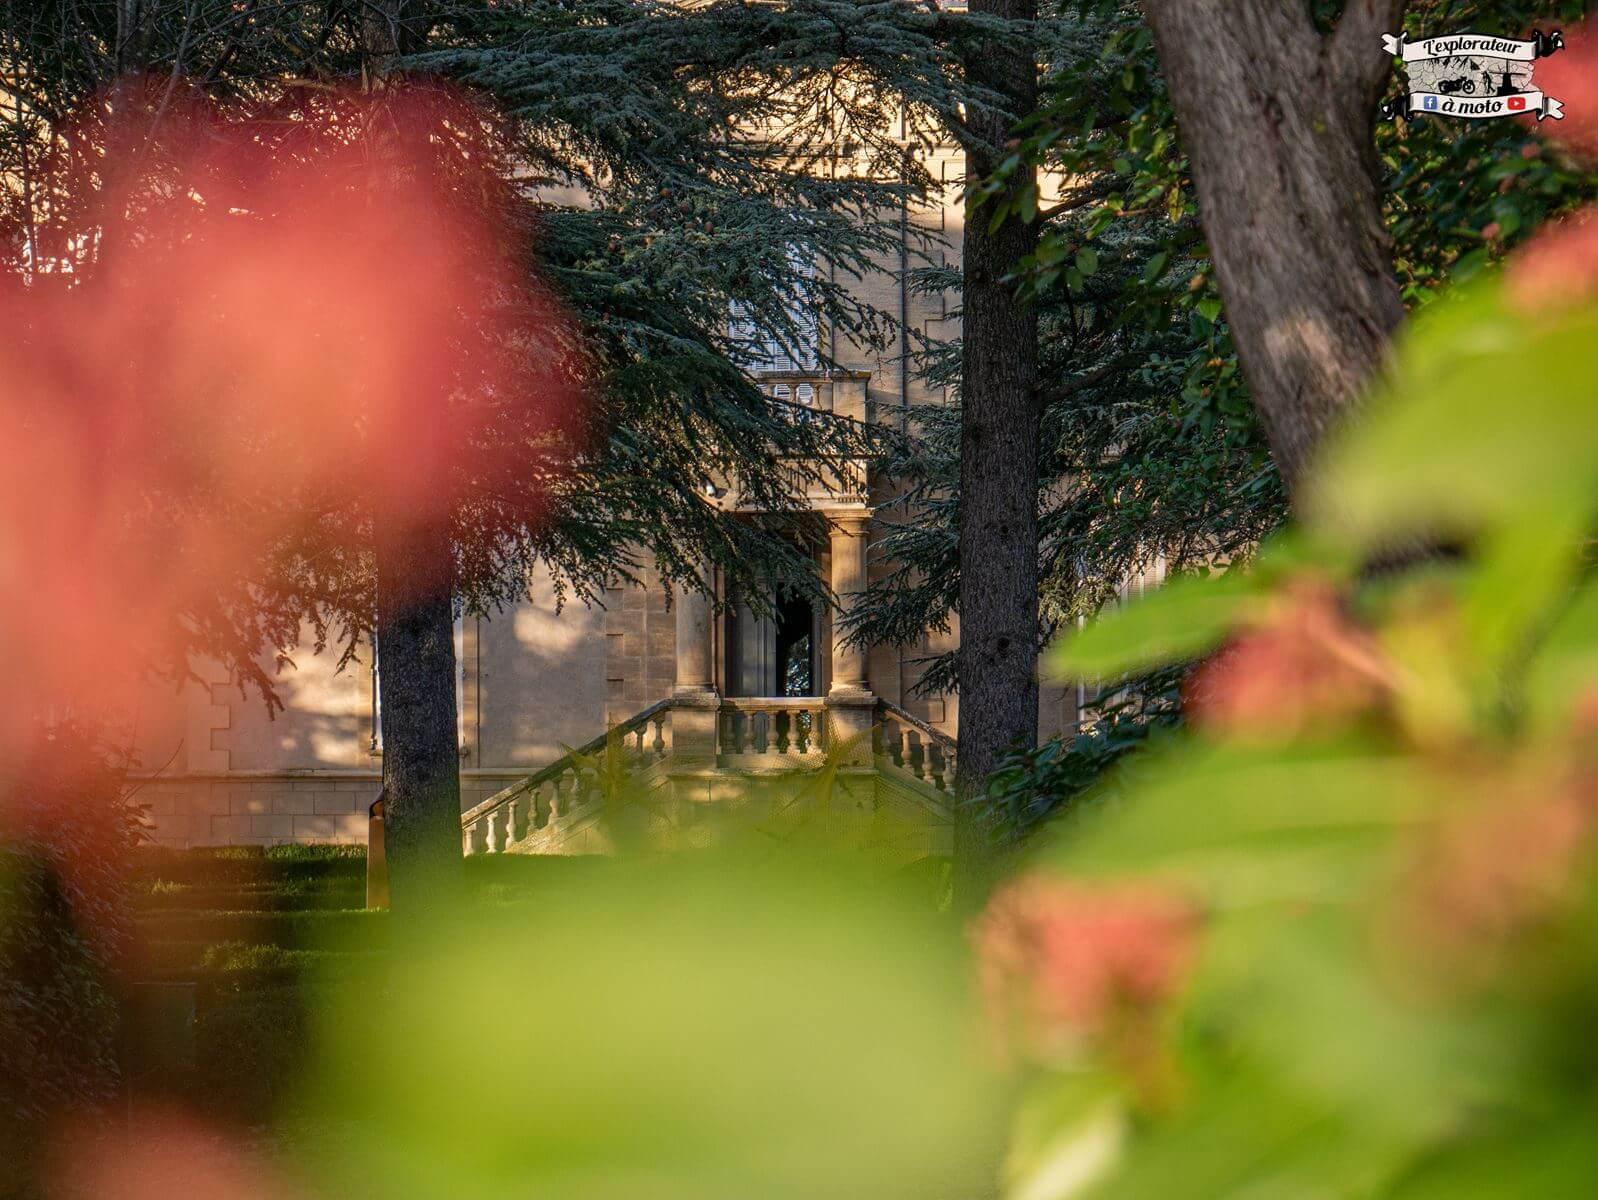 Porte entrée Chateau de Bosc - lexplorateuramoto.com